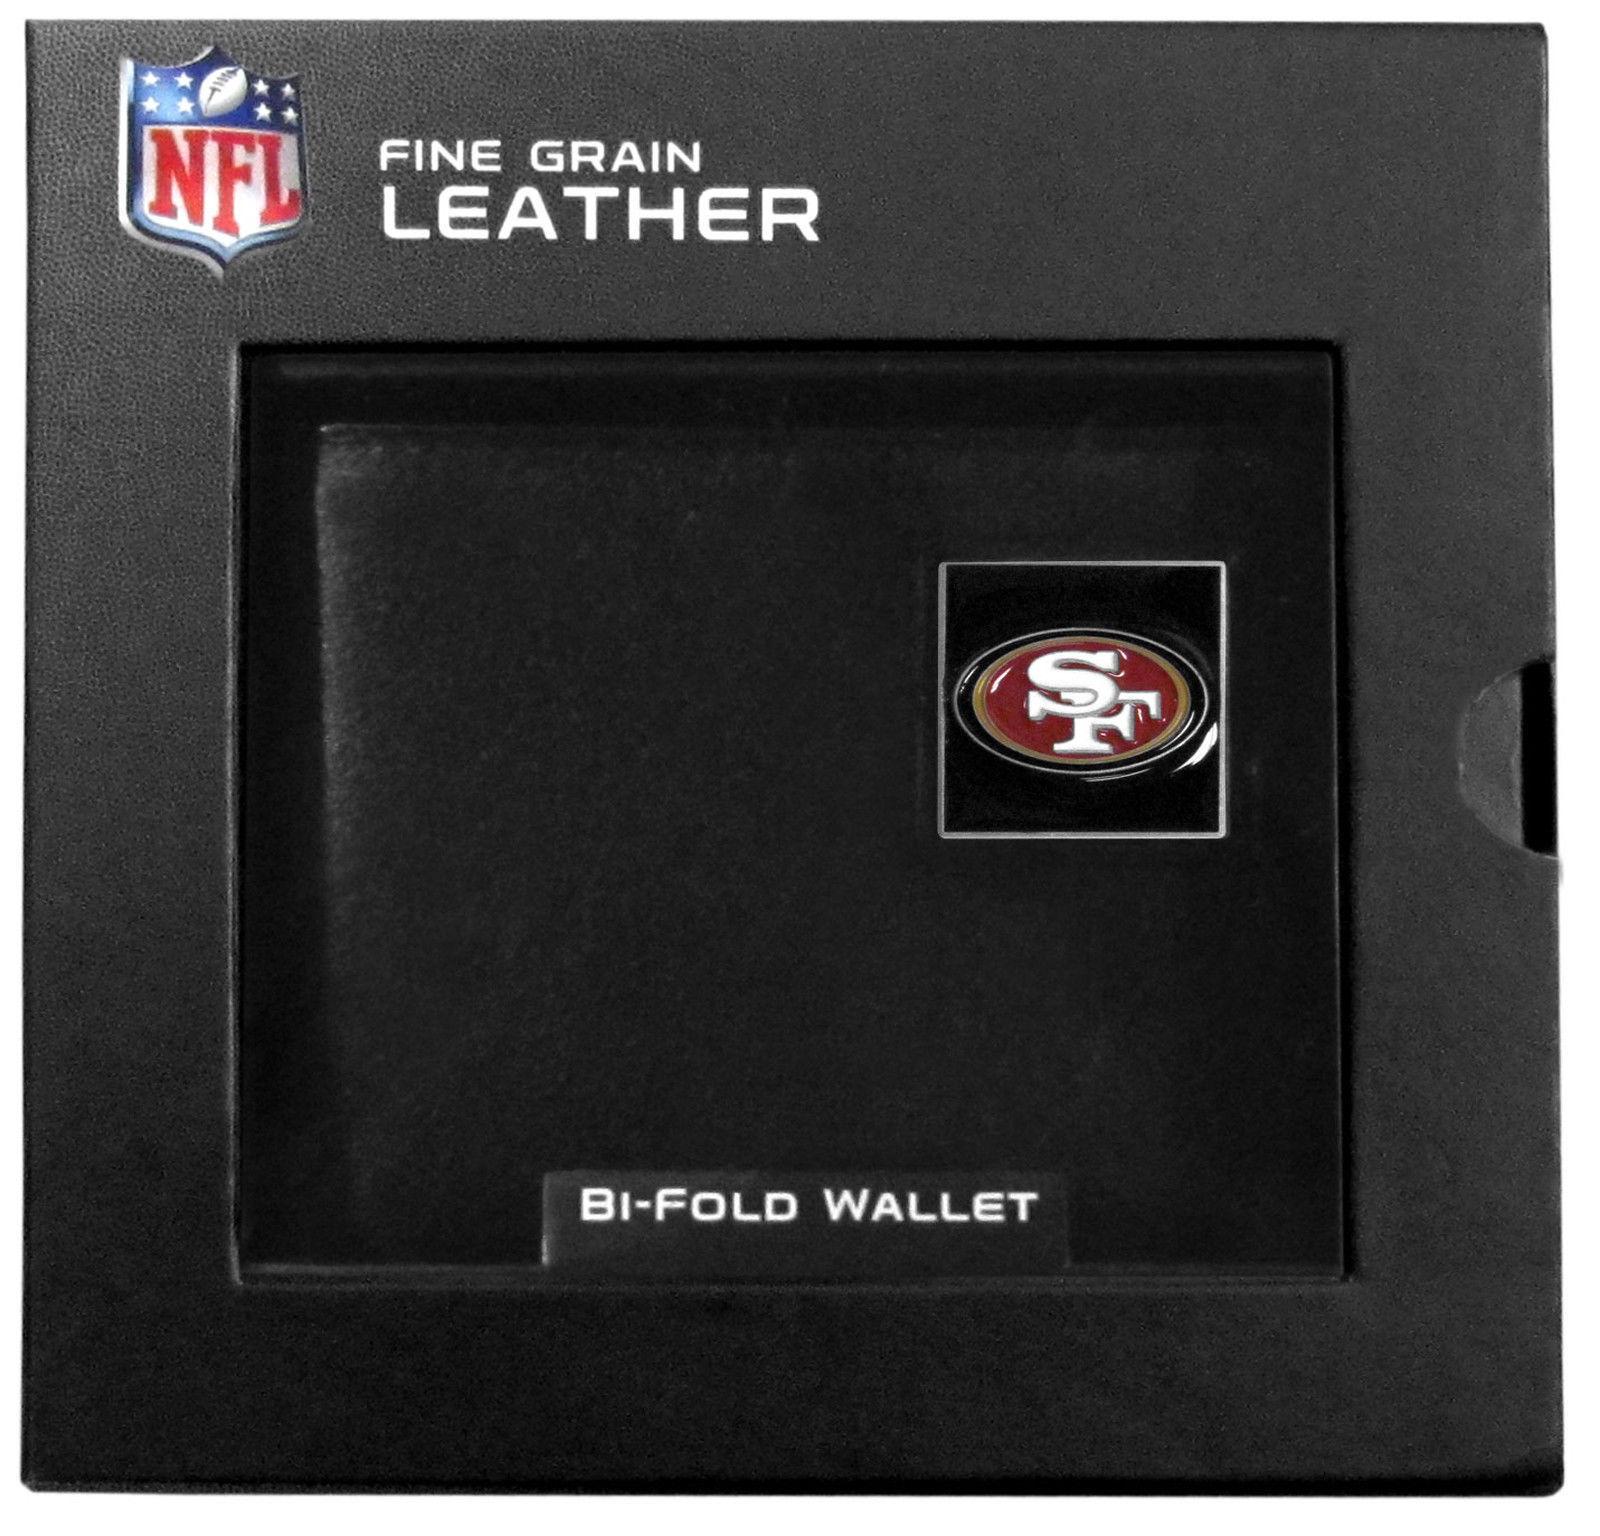 Nfl Bifold Wallet In A Window Box - San Francisco 49Ers